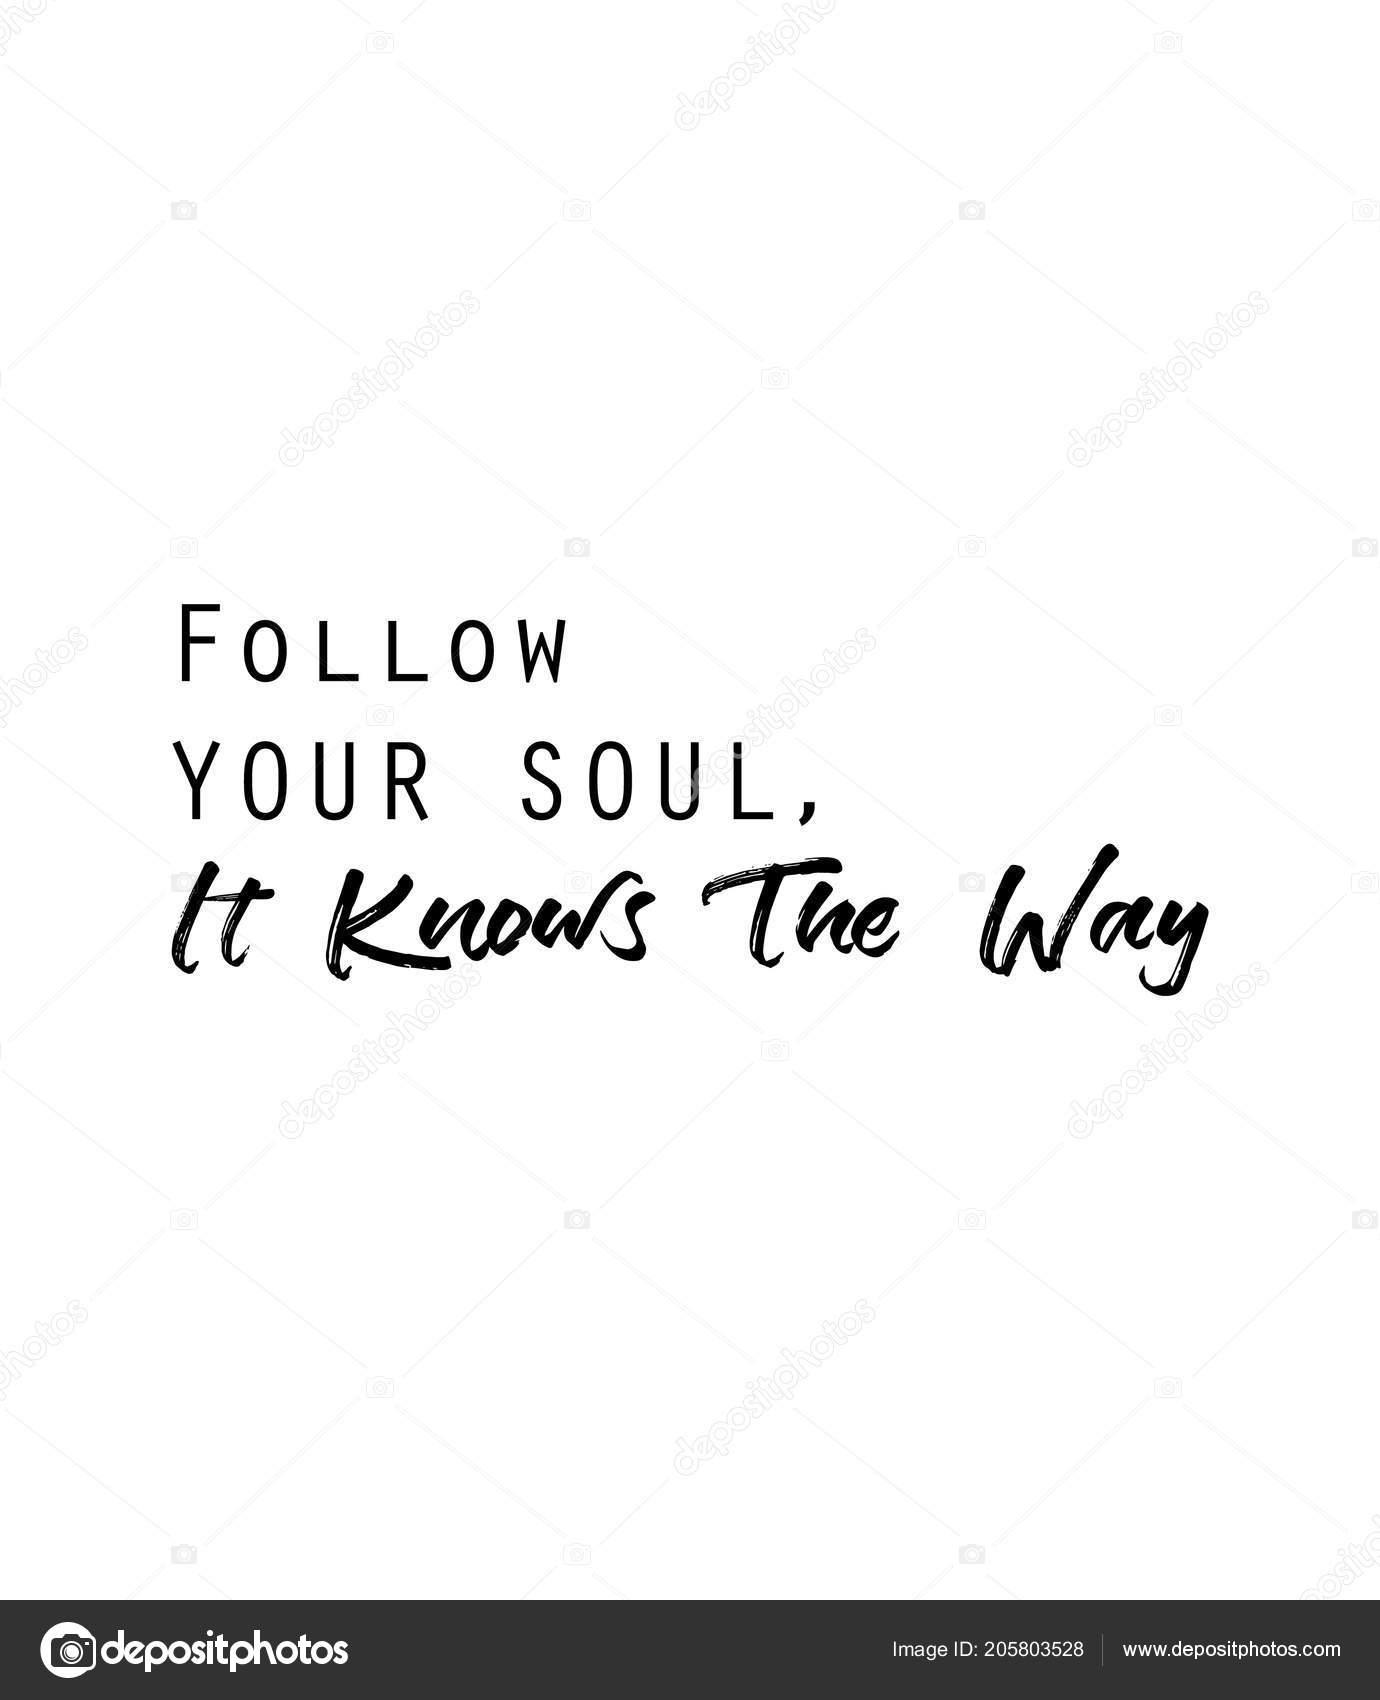 Download Picture Quotes About Life: Belettering Citeert Motivatie Voor Leven Geluk Kalligrafie